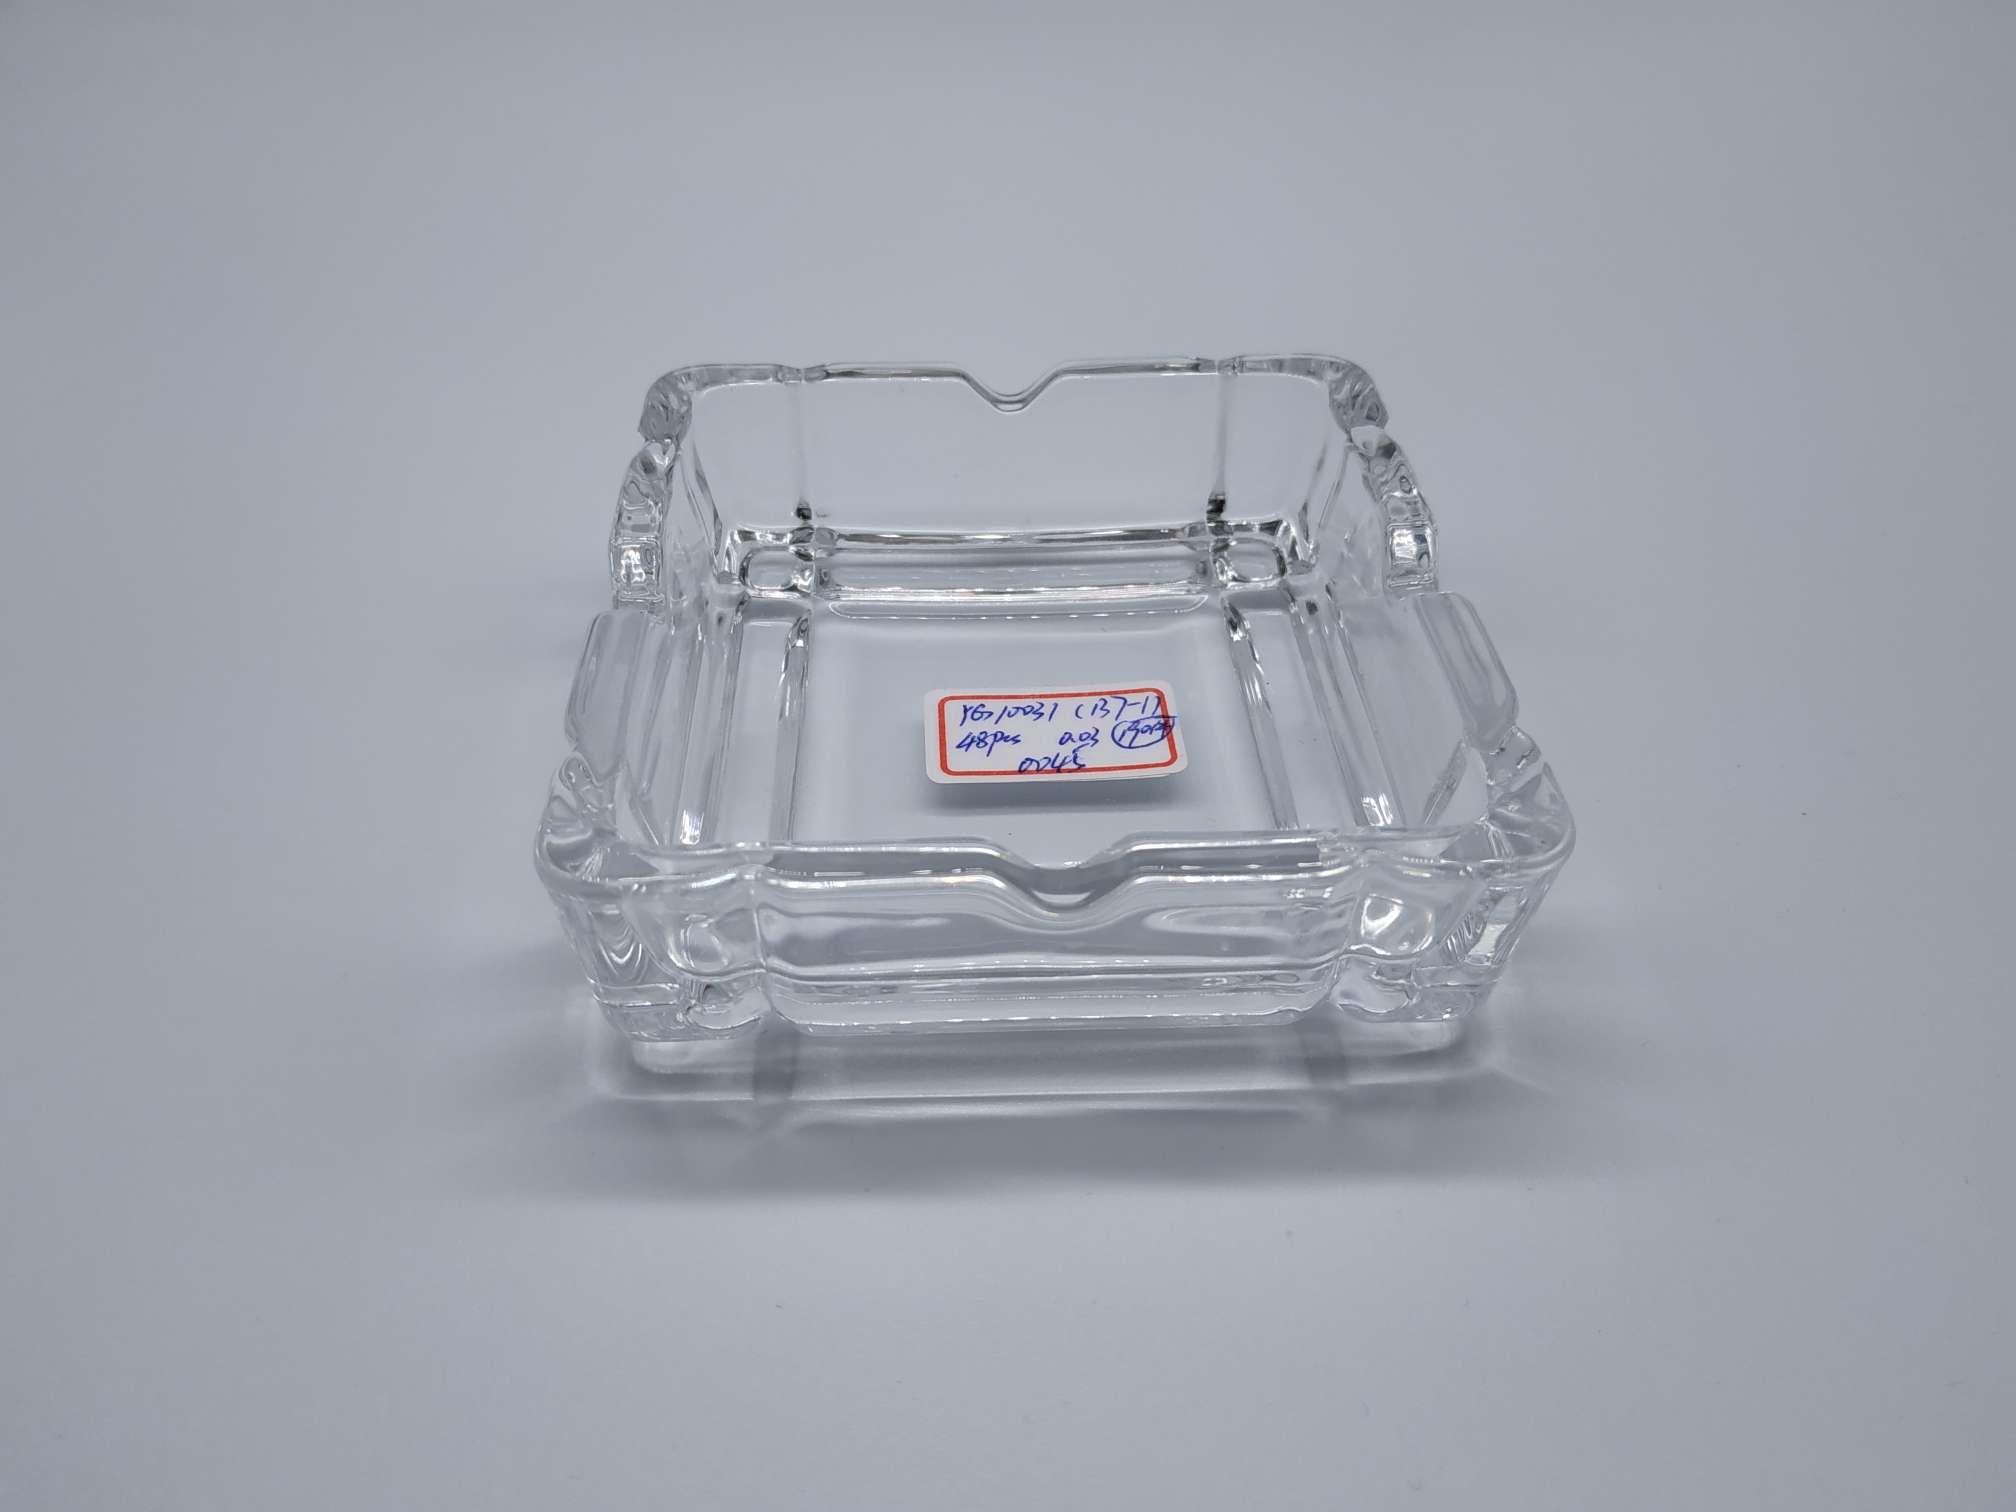 义乌好货惠达玻璃10*10cm竖条简洁正方形烟灰缸,工艺品,礼品,酒店用品,酒吧包厢用品